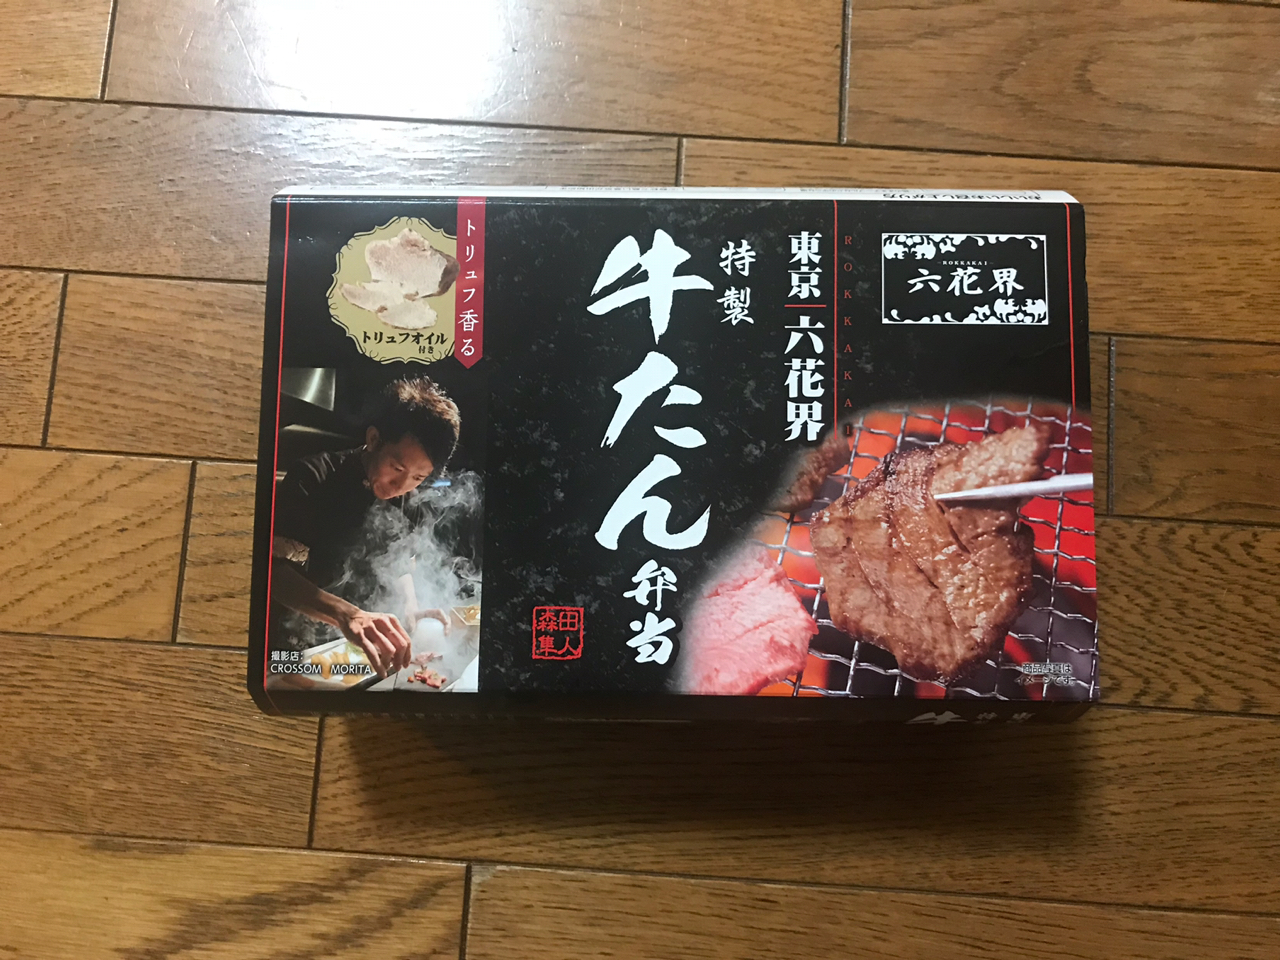 六花界特製牛たん弁当パッケージ